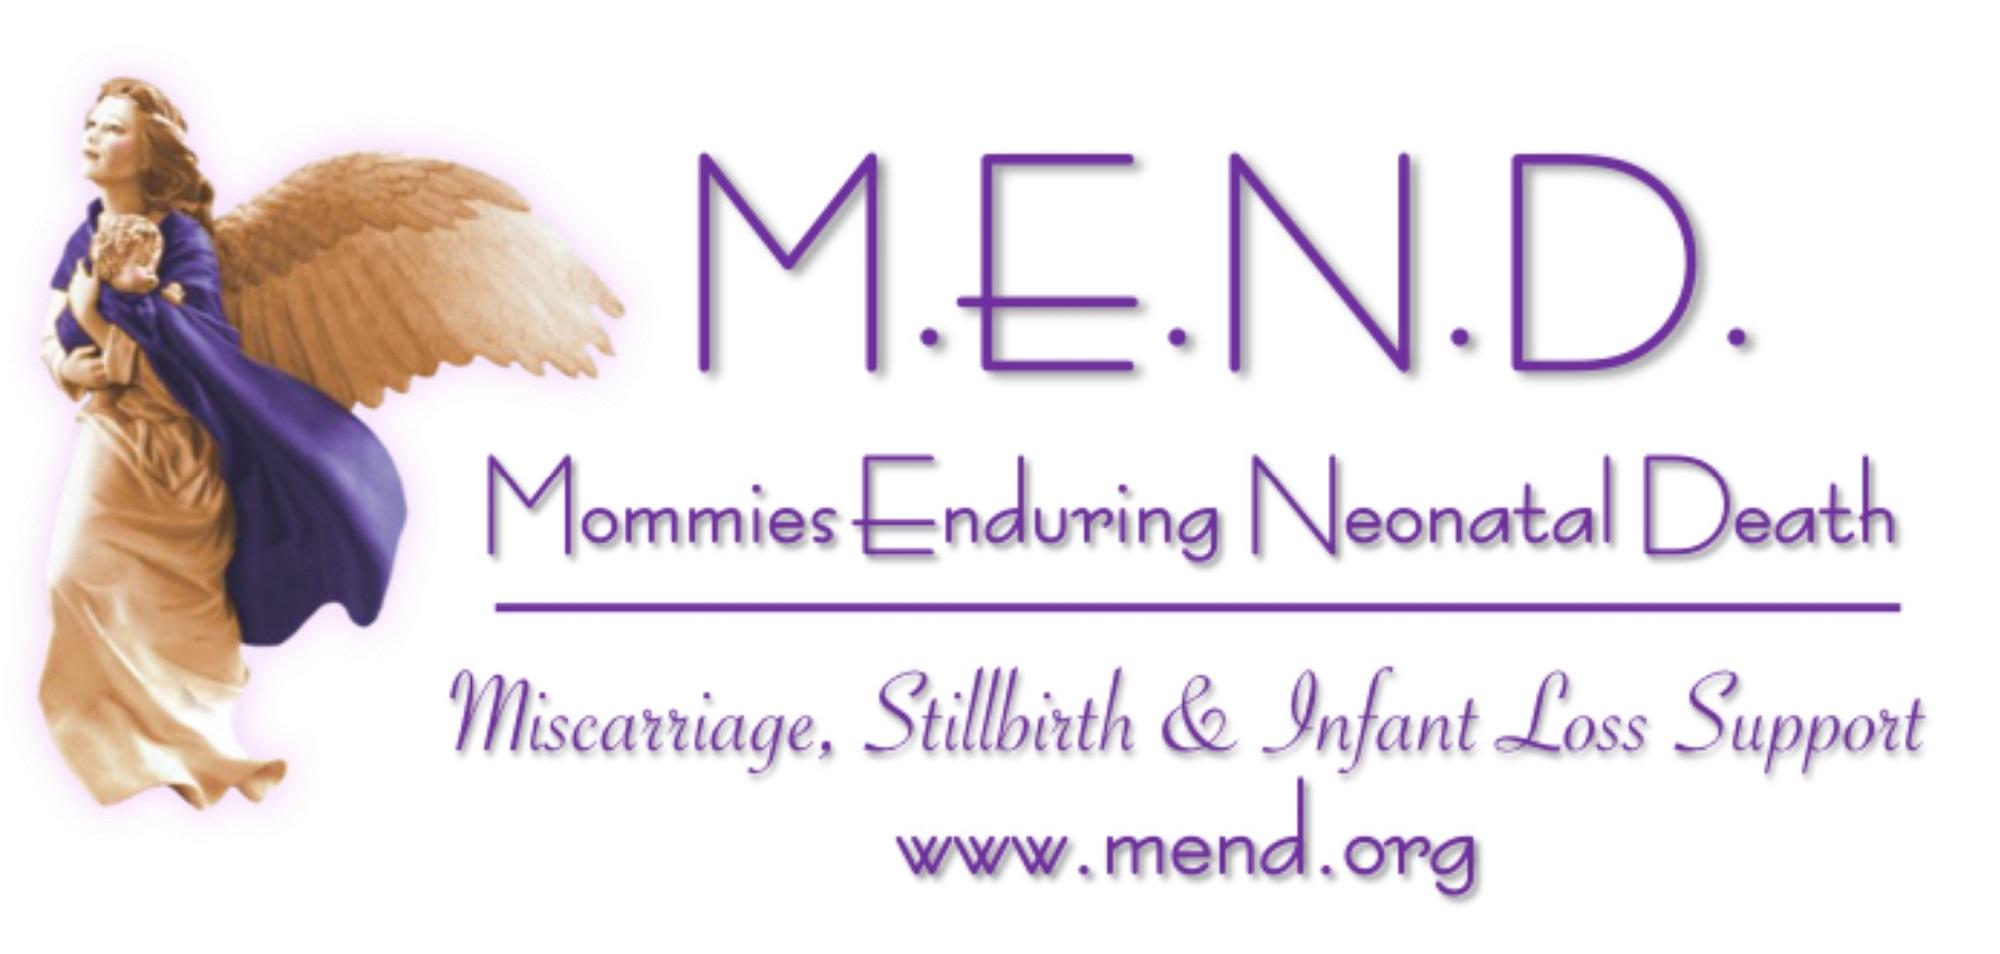 Logo of M.E.N.D. (Mommies Enduring Neonatal Death)